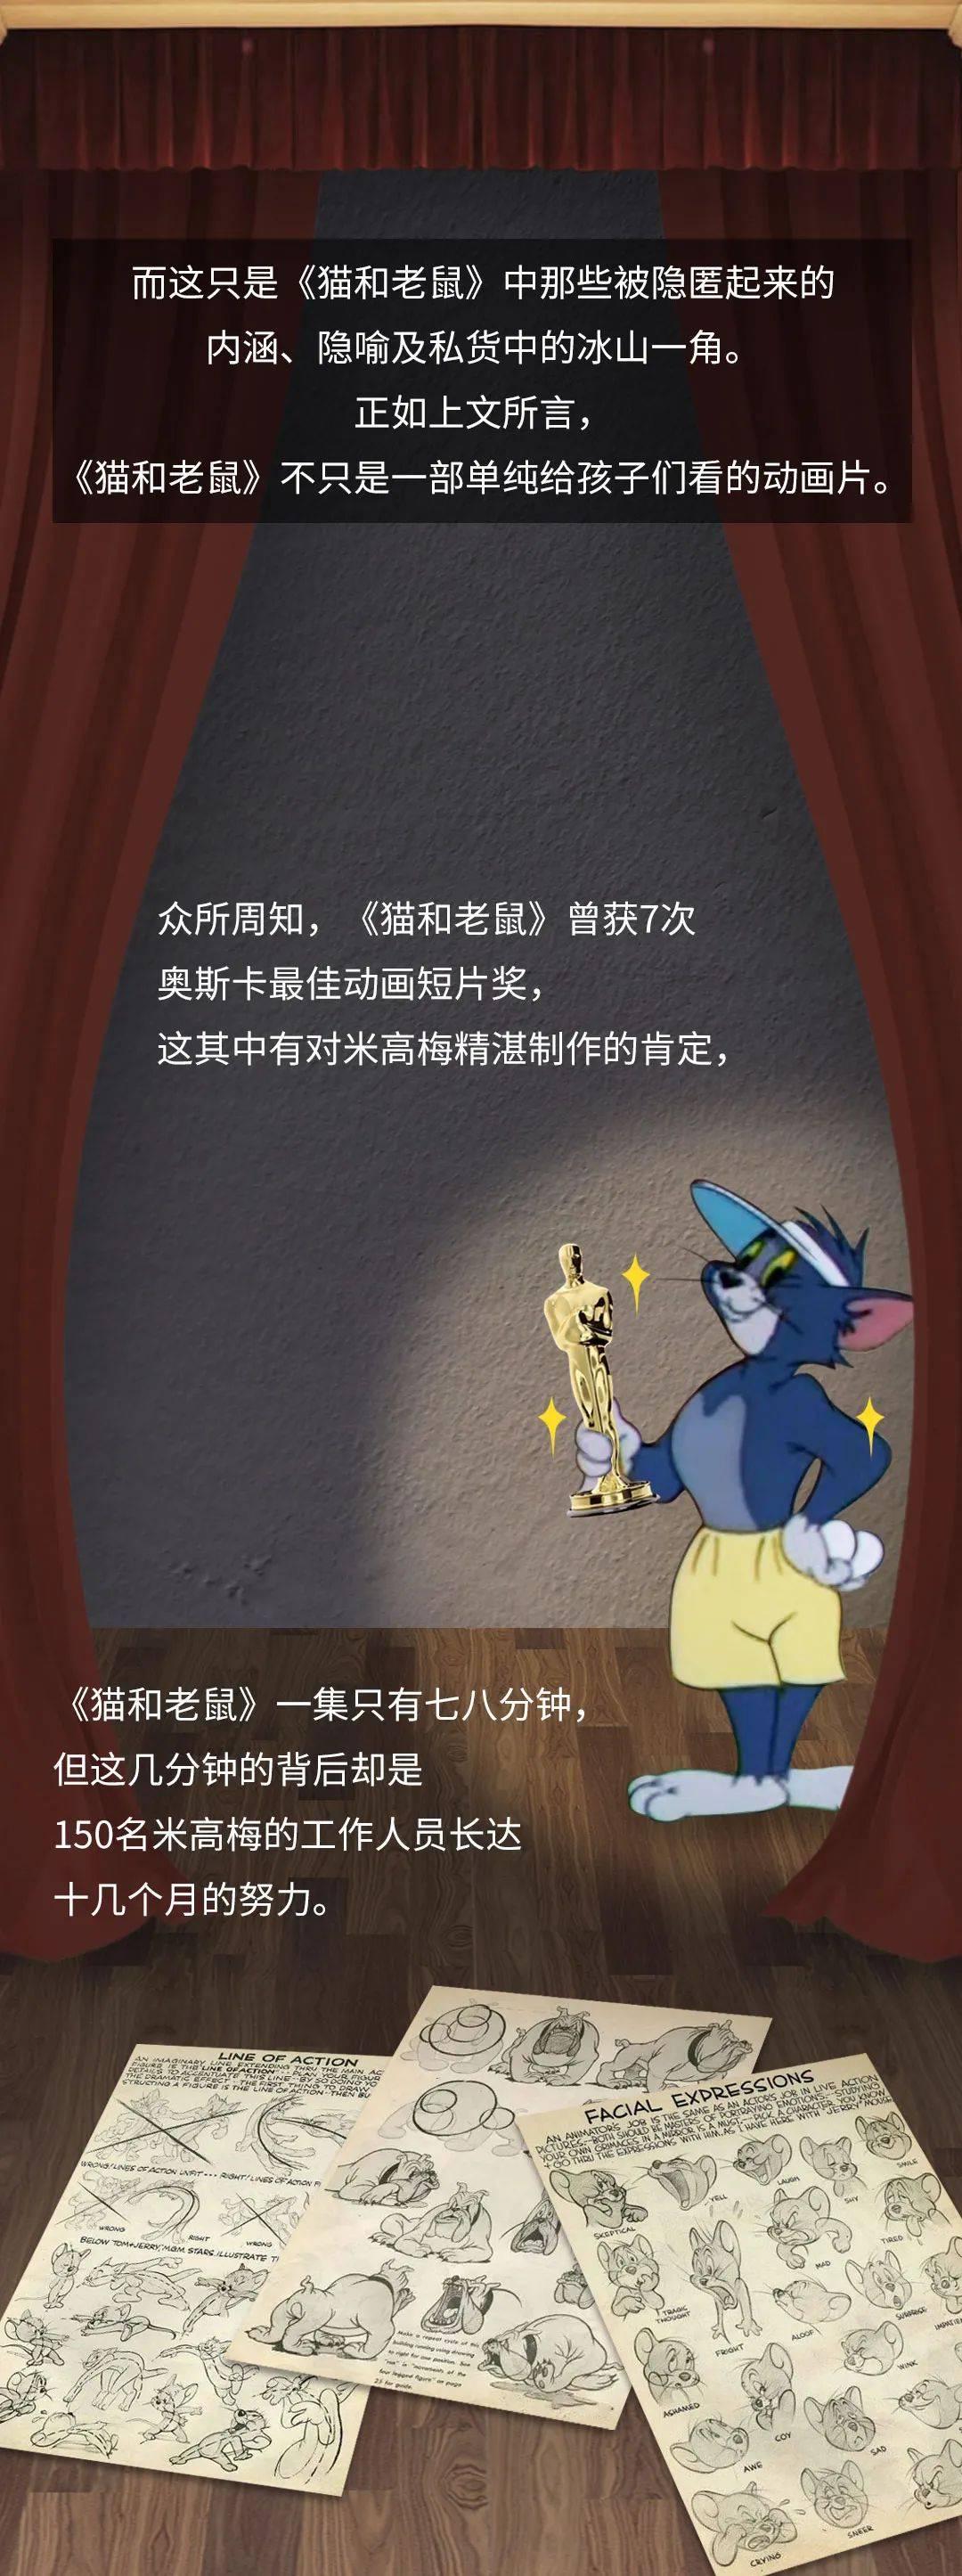 《猫和老鼠》是你看过的第一部成人片